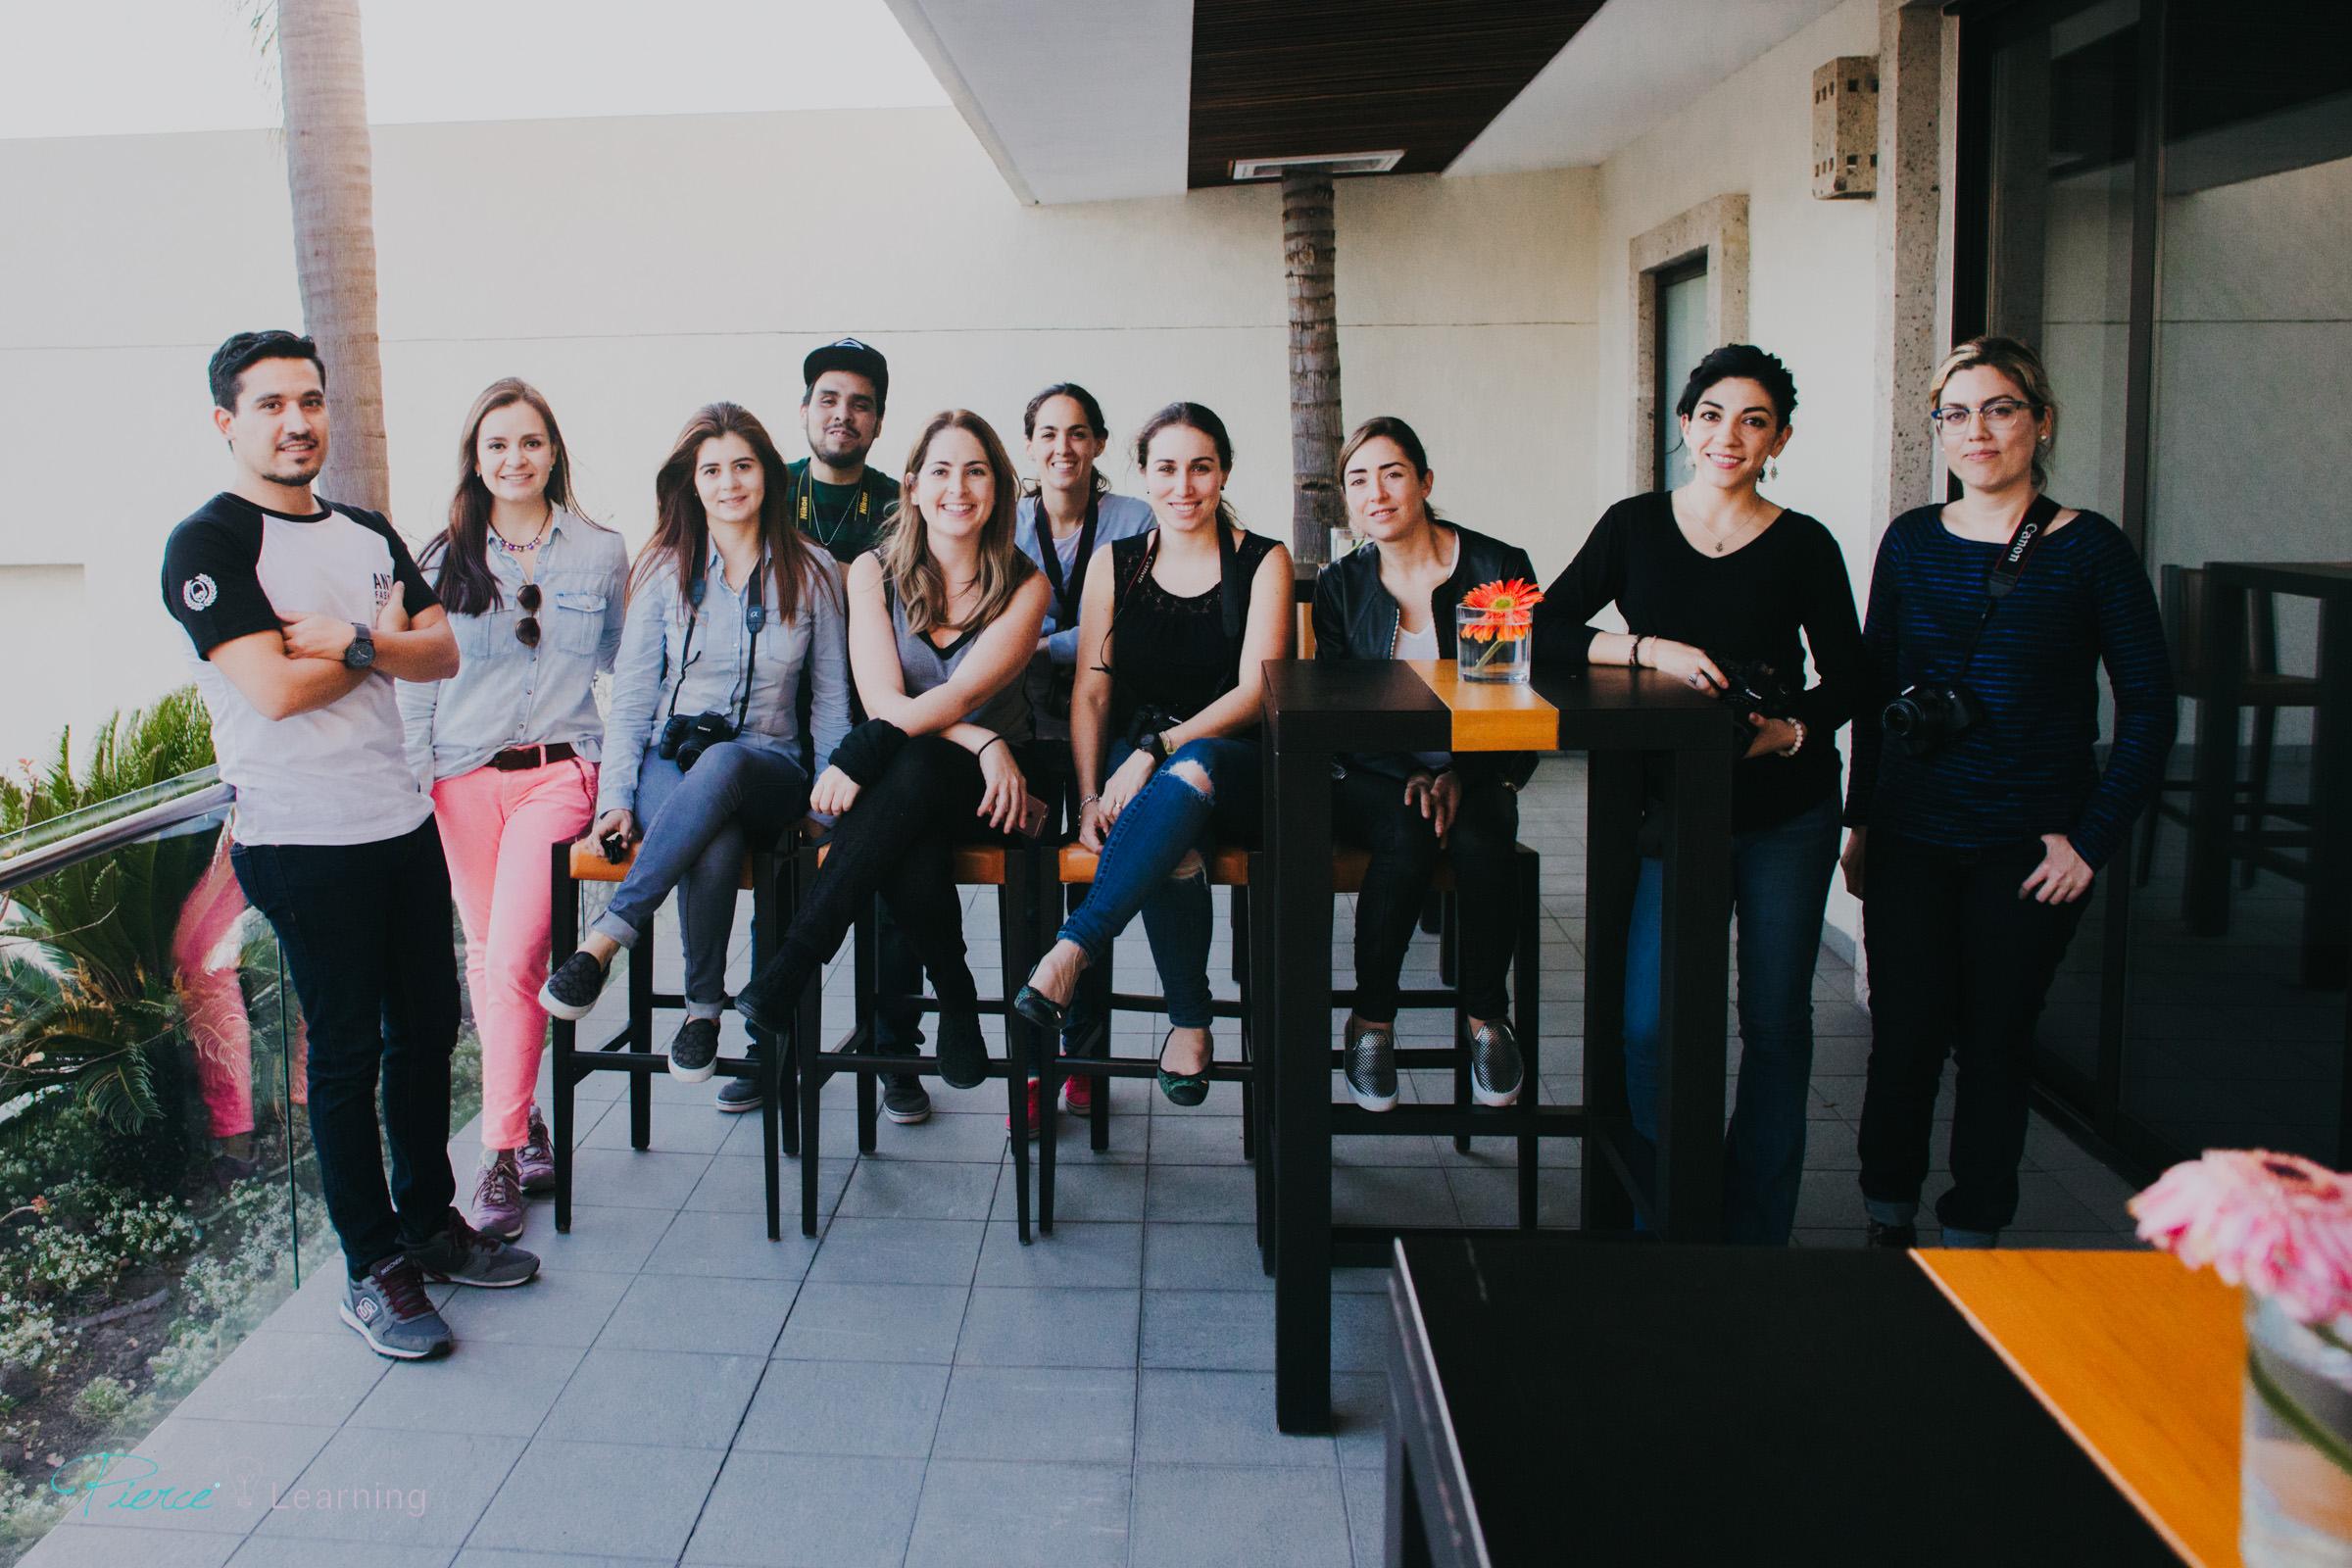 Workshop-Curso-Fotografia-Leon-Guanajuato-Mexico-Pierce-96.jpg